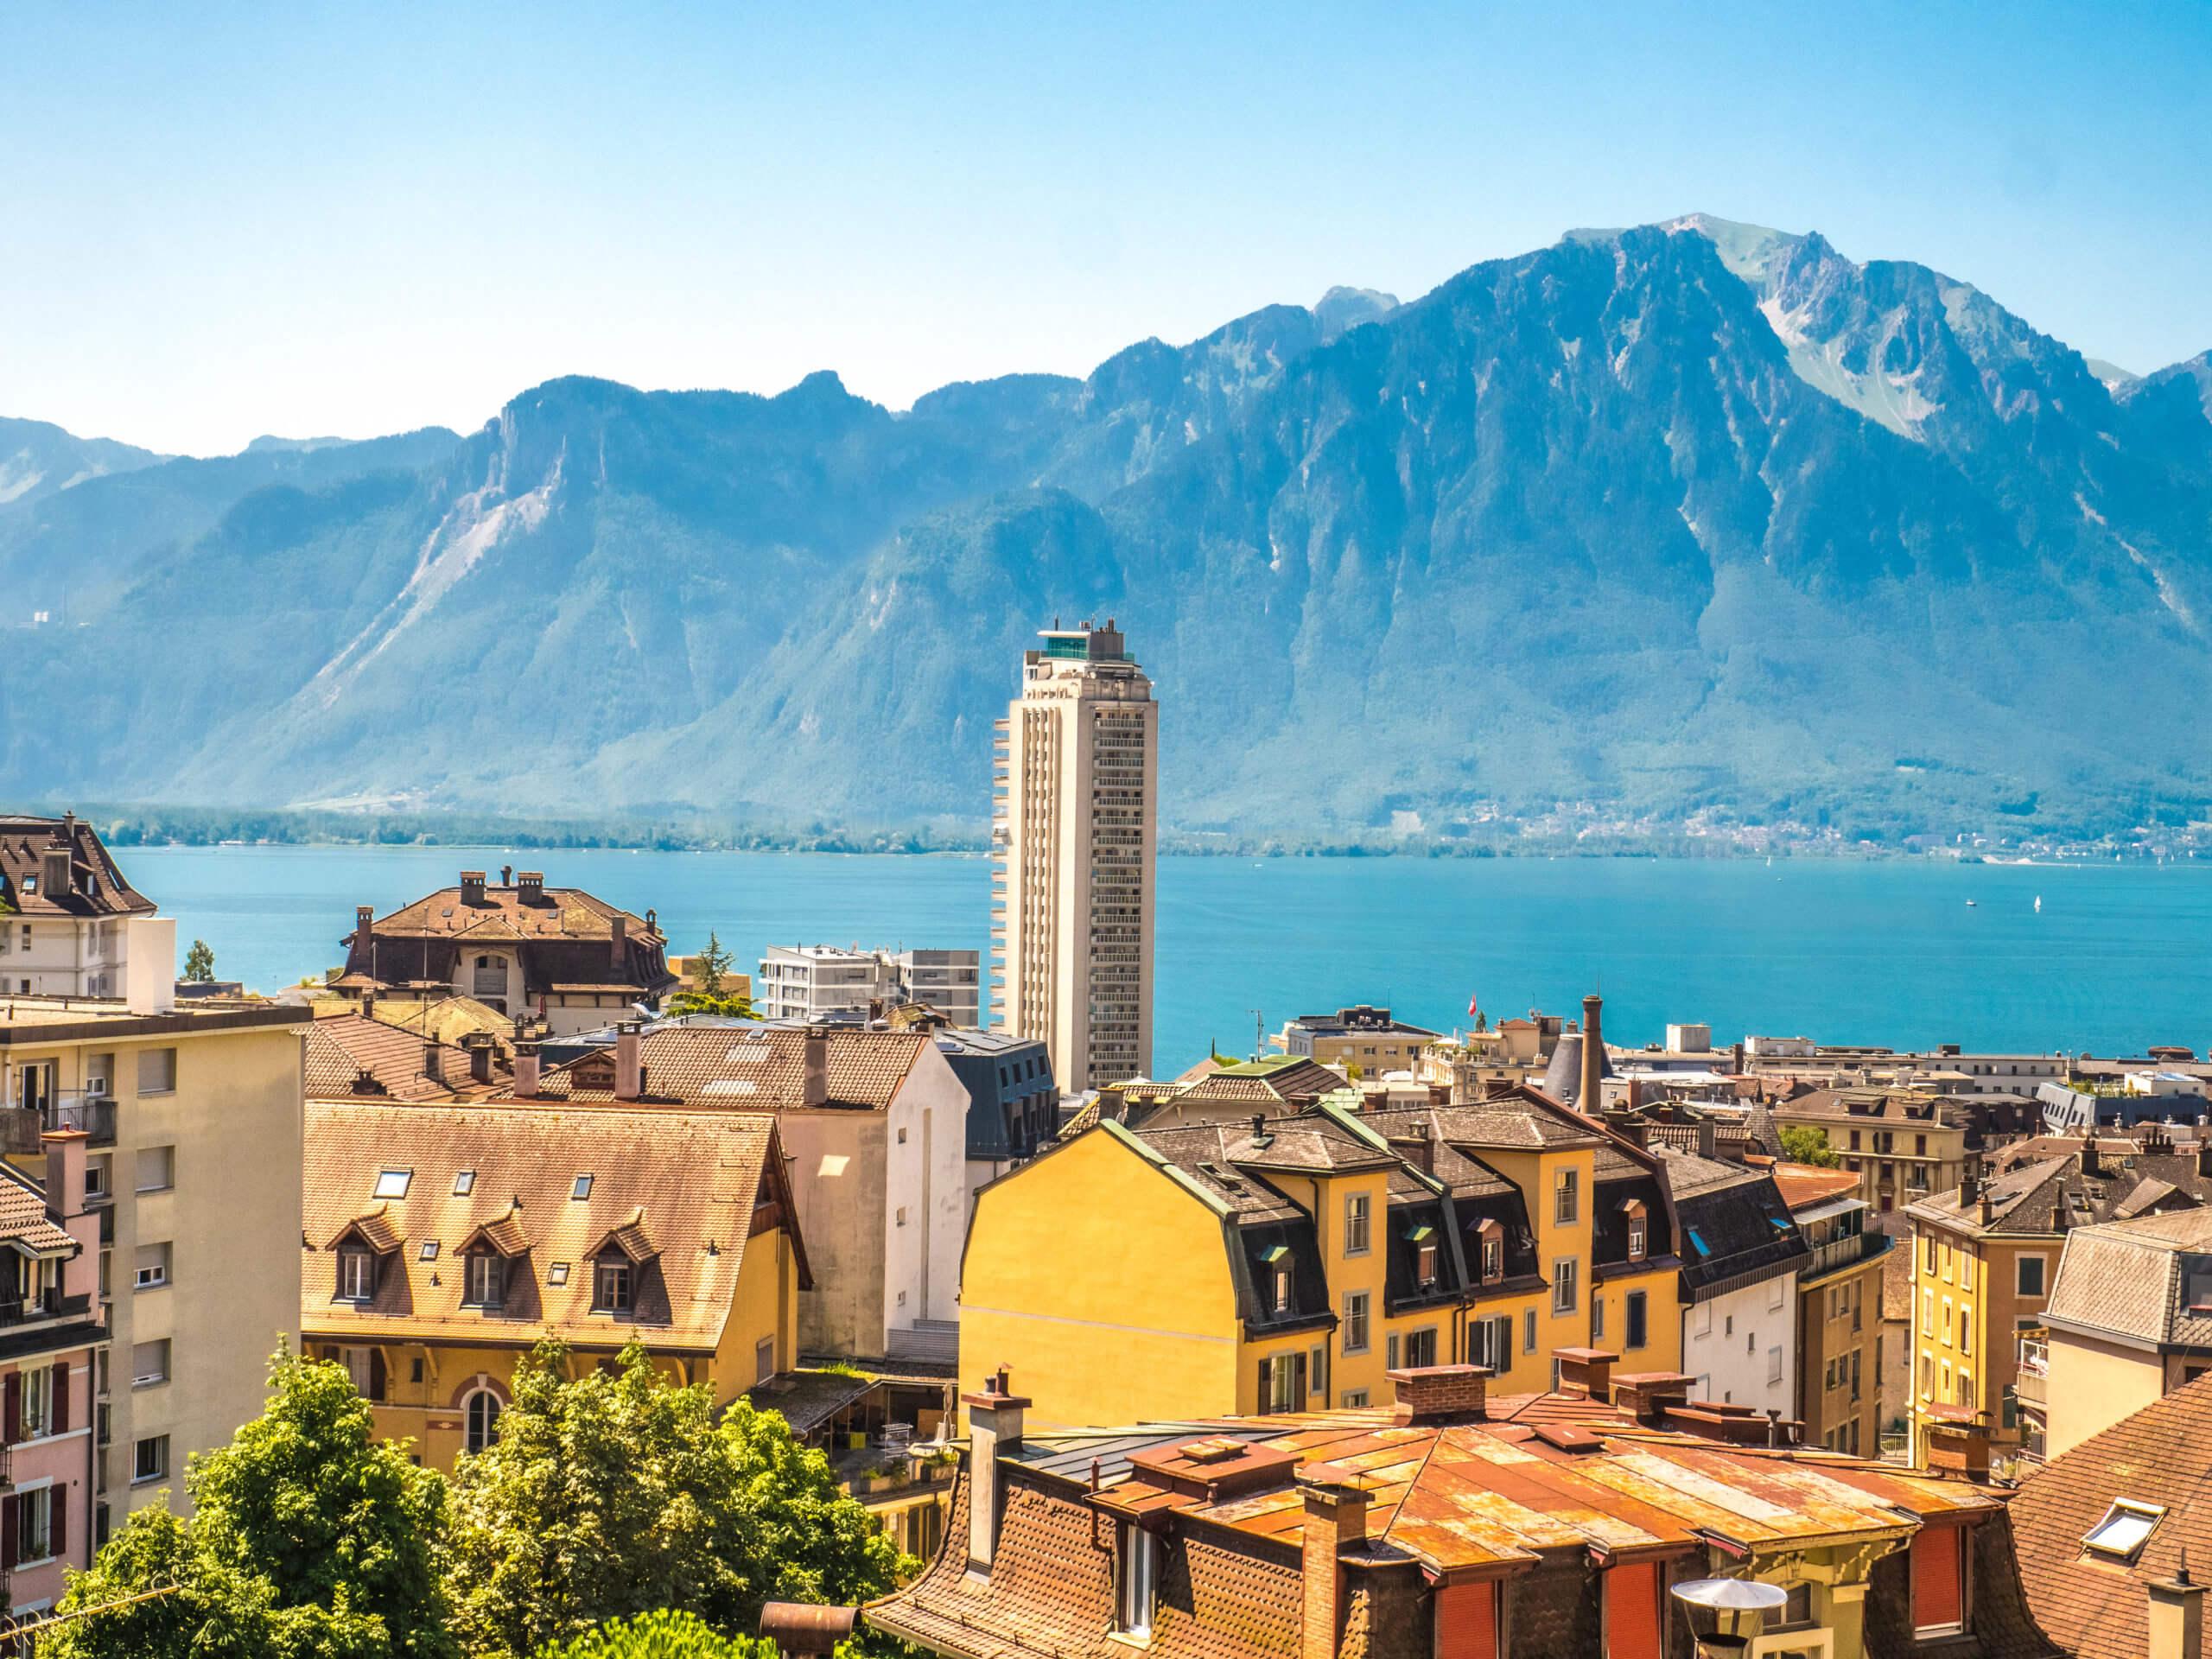 Vue sur Montreux depuis la Vieille ville